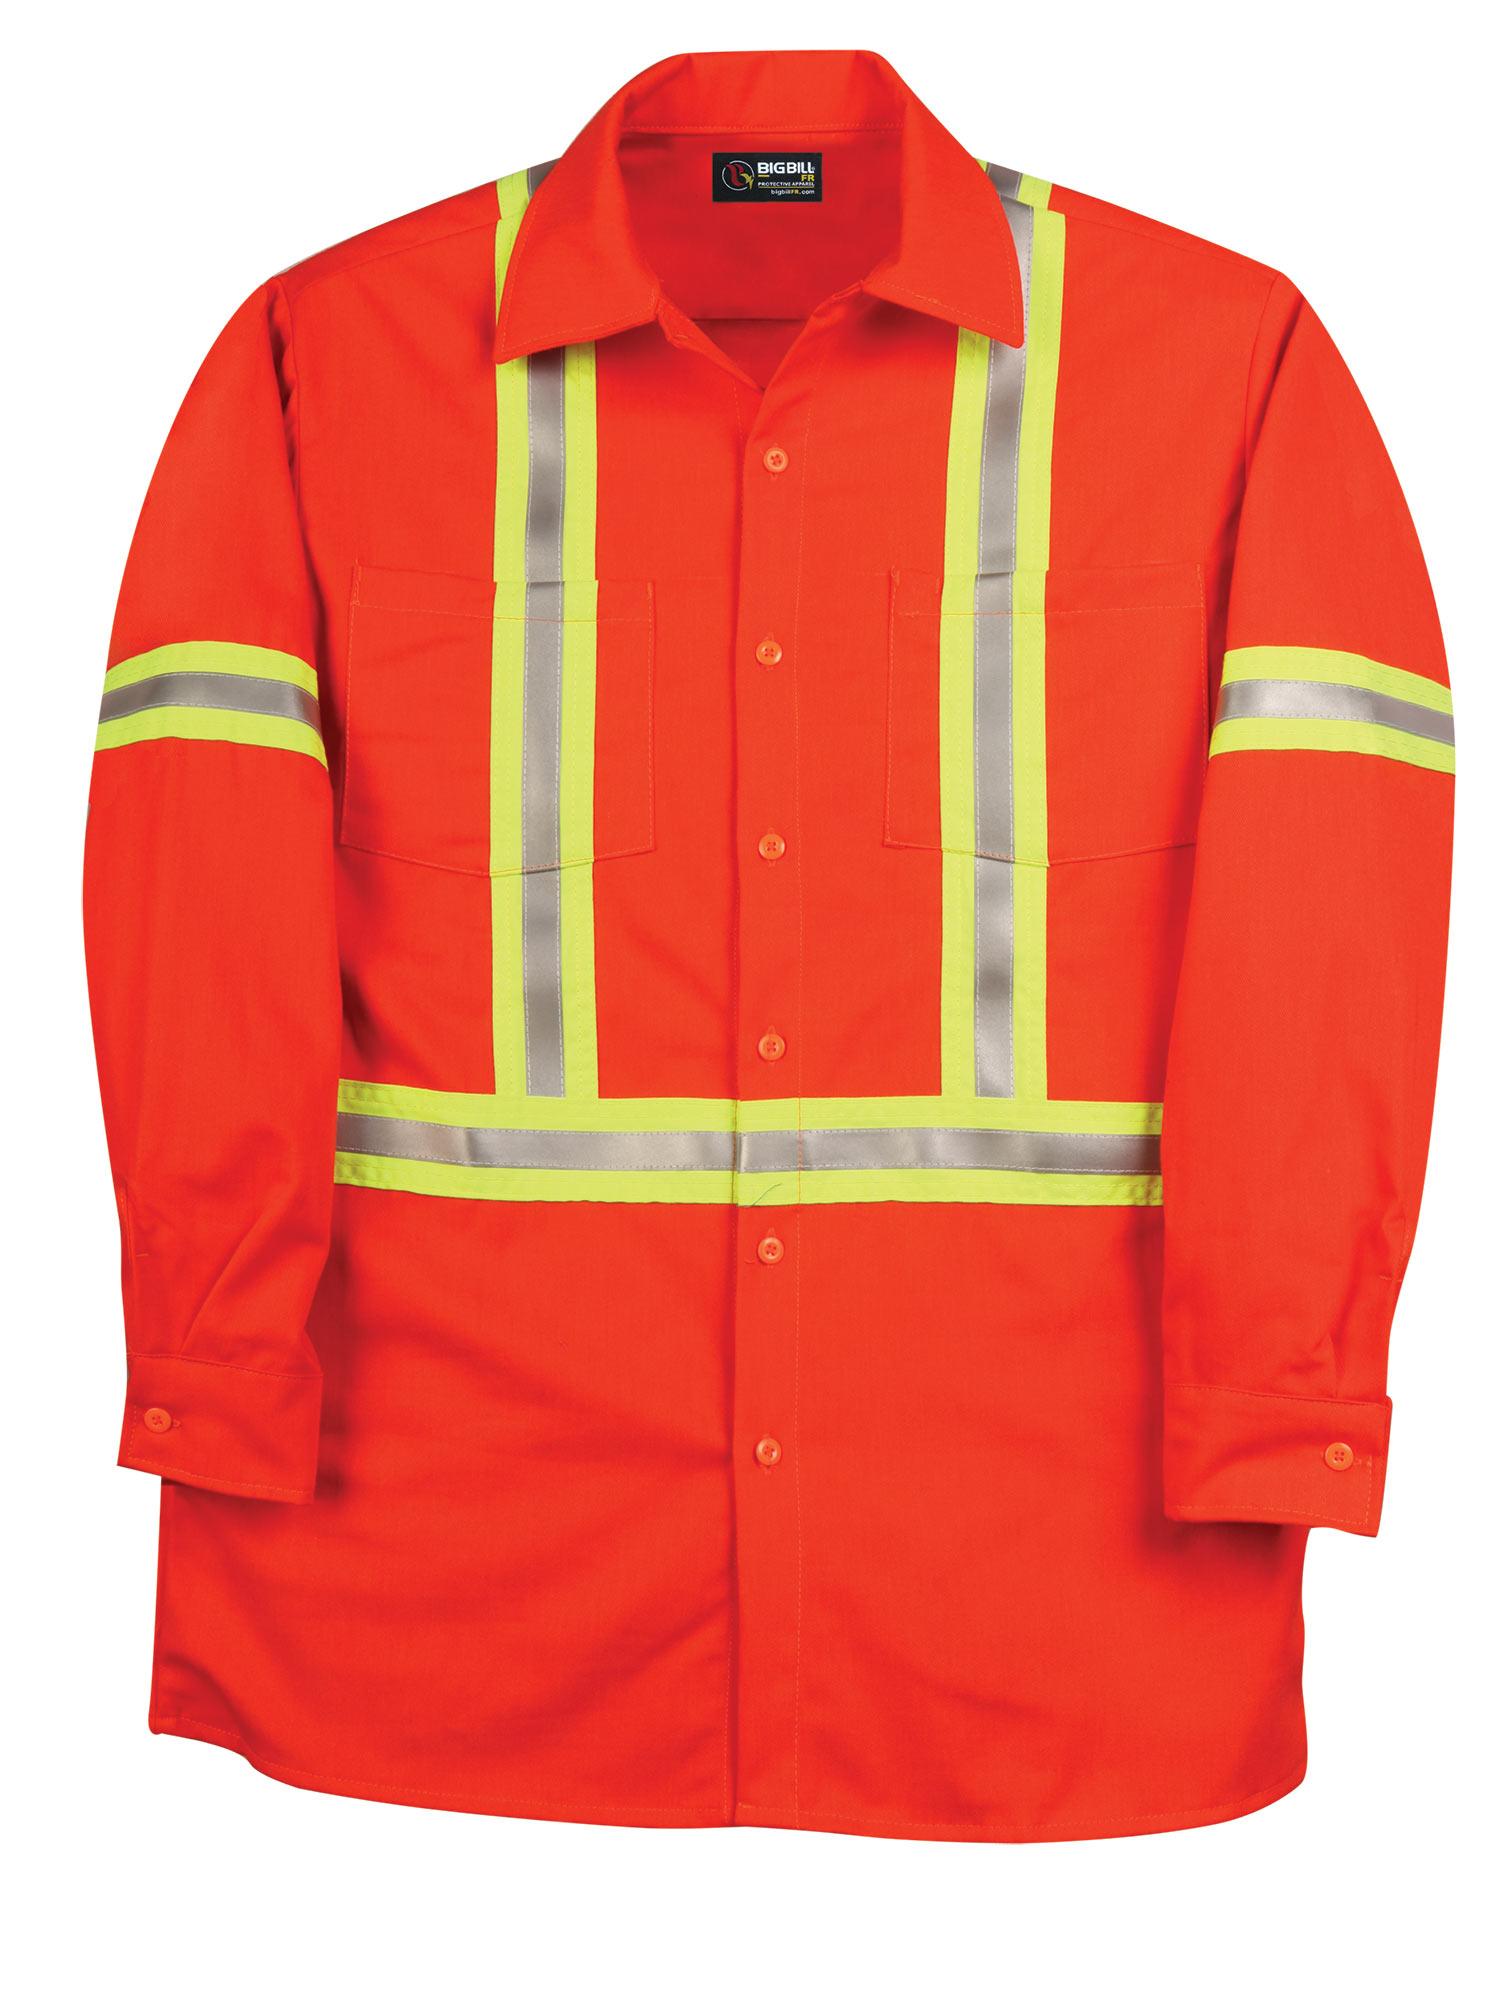 e3bace1f1d82 Big Bill 7 oz Westex™ Ultra Soft® Hiviz Industrial Work Shirt - 235US7